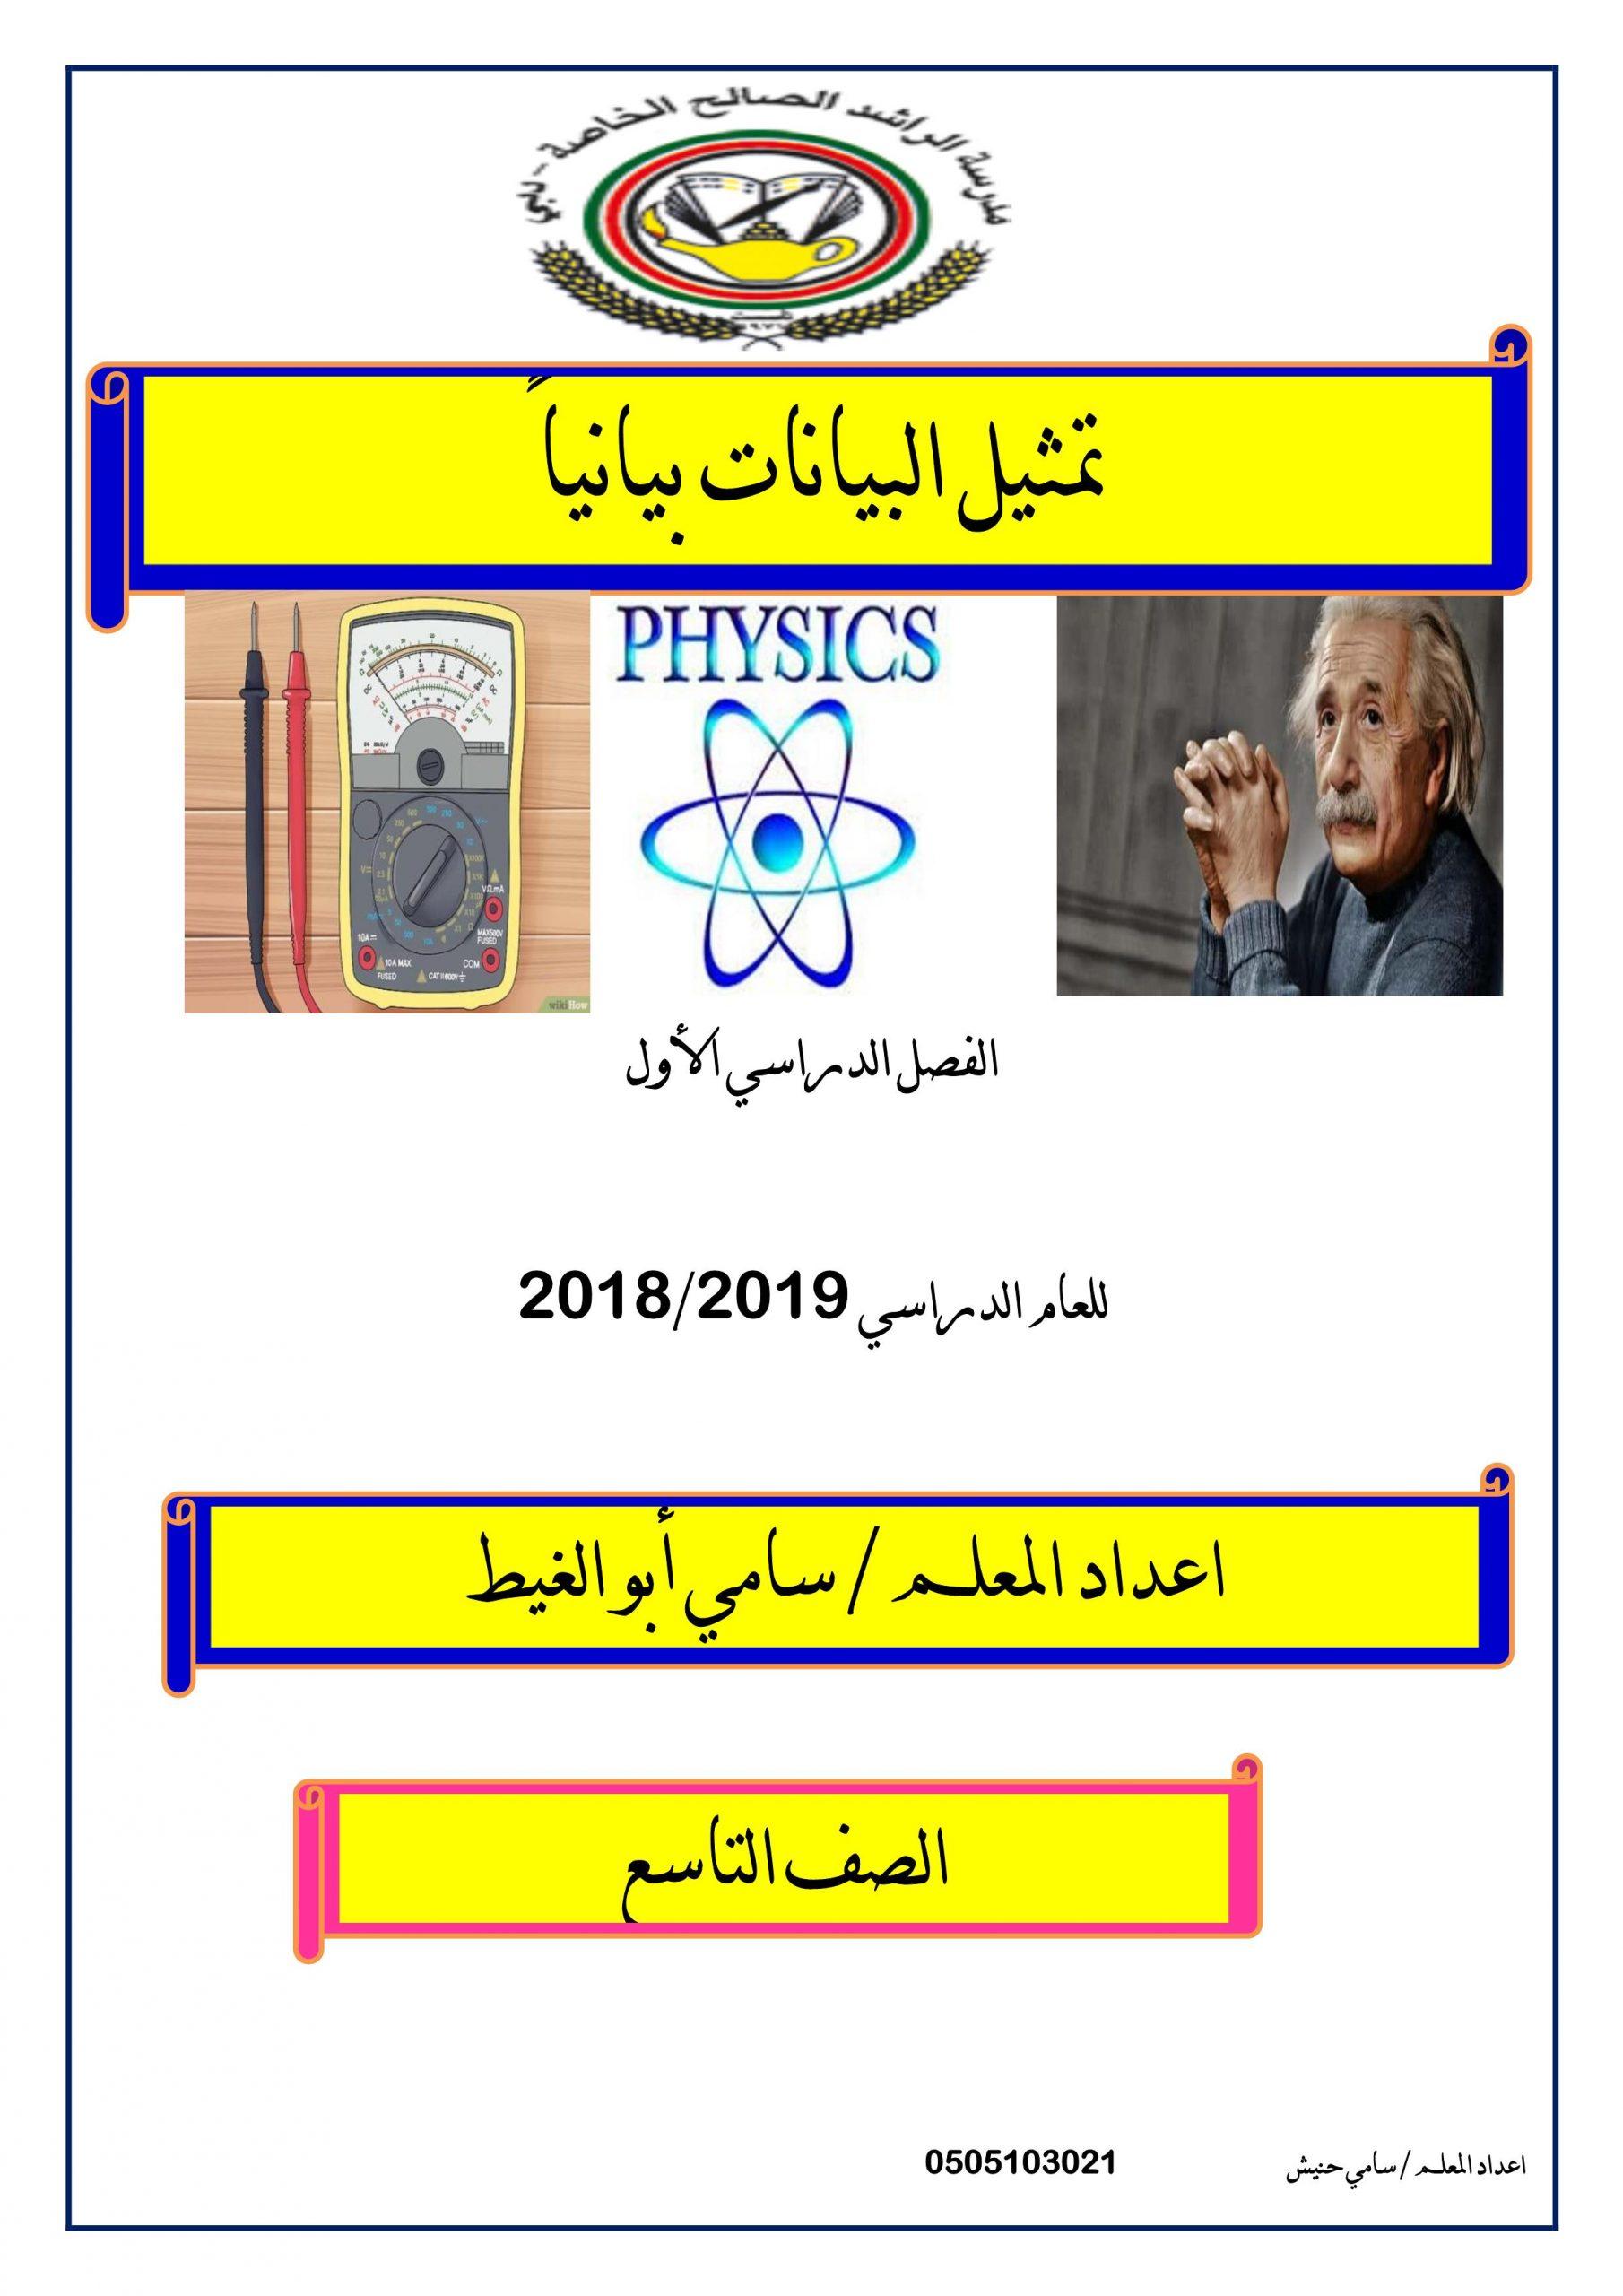 ملخص درس تمثيل البيانات بيانيا الصف التاسع مادة الفيزياء